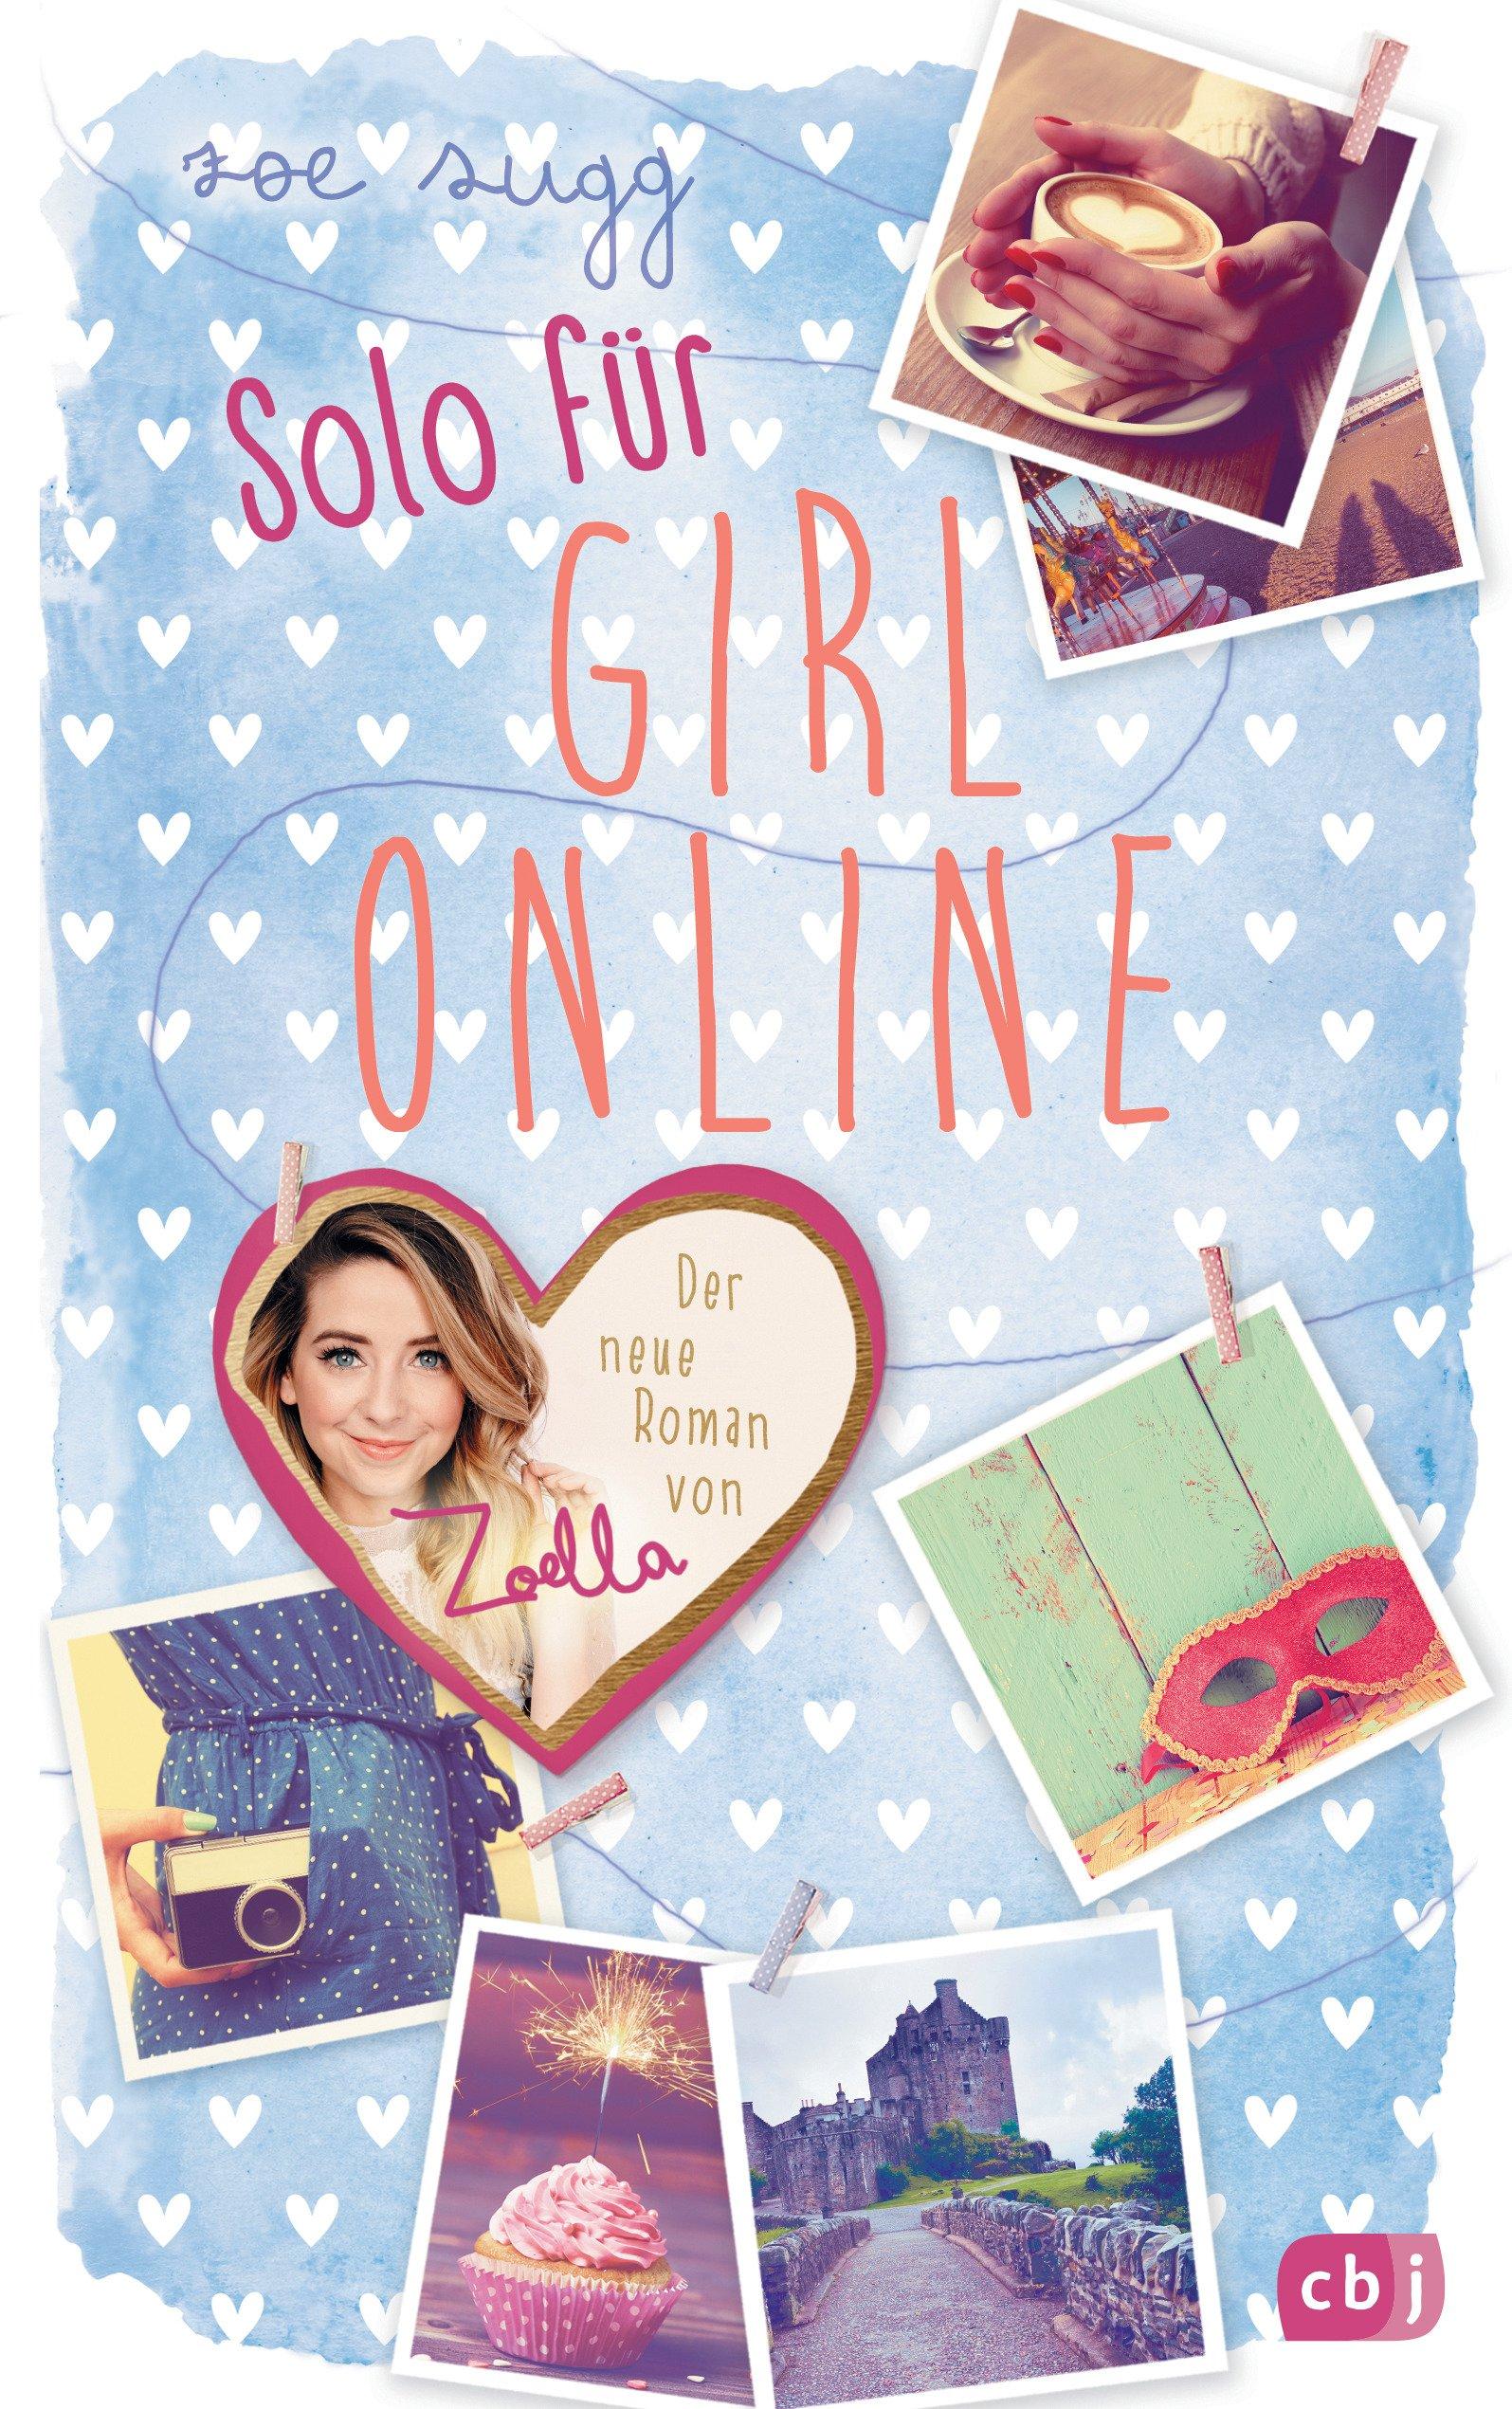 Solo für Girl Online (Die Girl Online-Reihe, Band 3) Broschiert – 28. November 2016 Zoe Sugg alias Zoella Henriette Zeltner cbj 3570174468